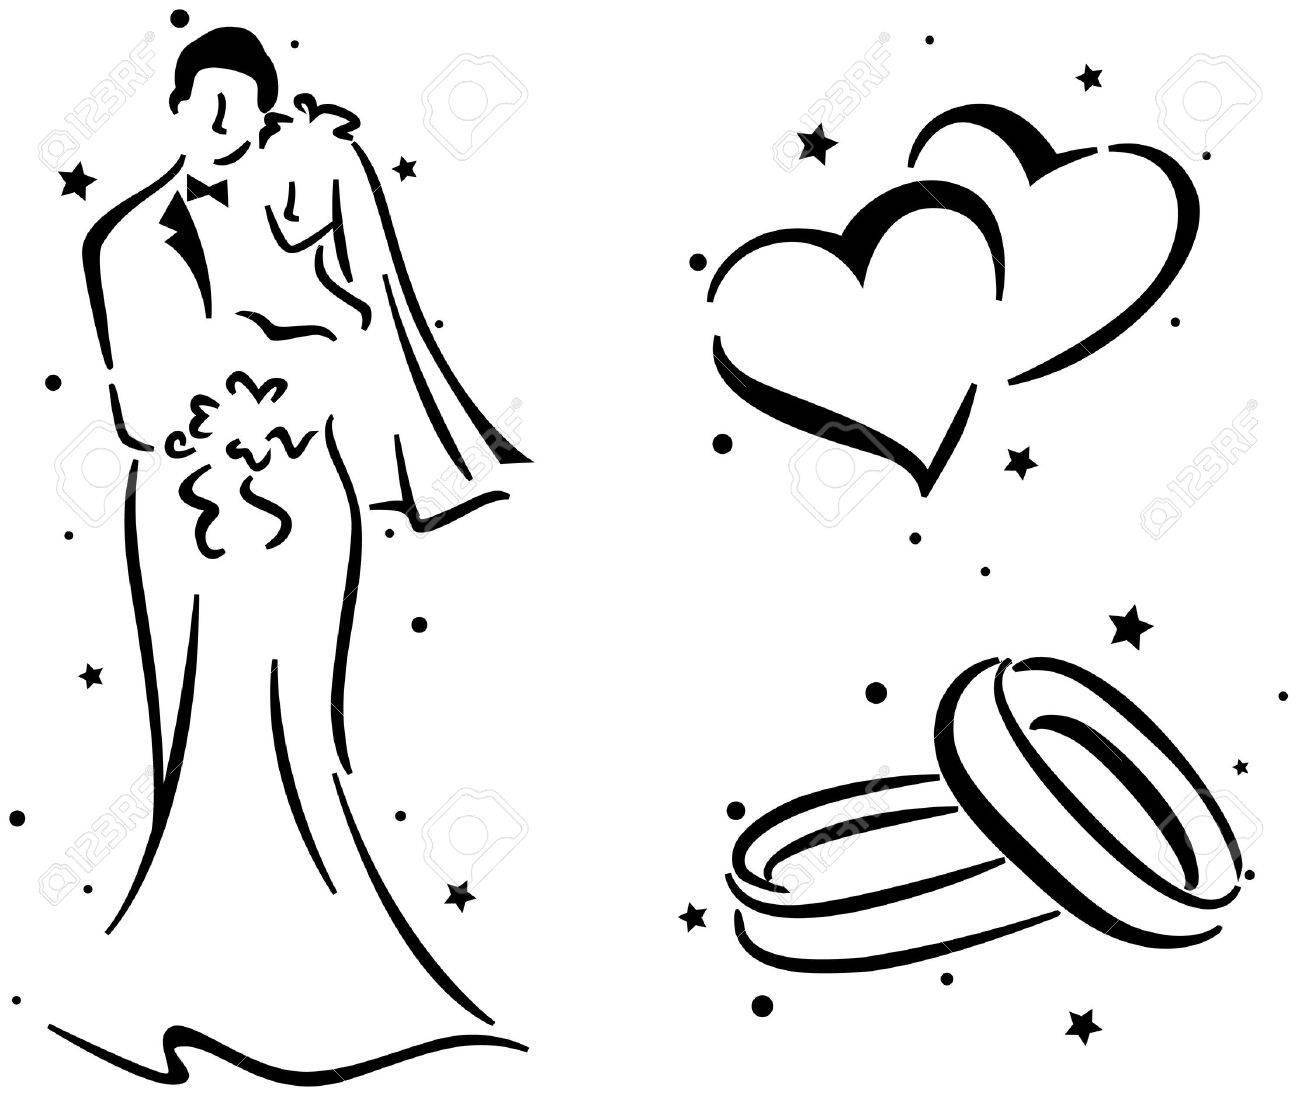 Eheringe clipart schwarz weiß  Hochzeit Stencil Mit Ein Paar, Ein Paar Der Ringe Und A Pair Of ...